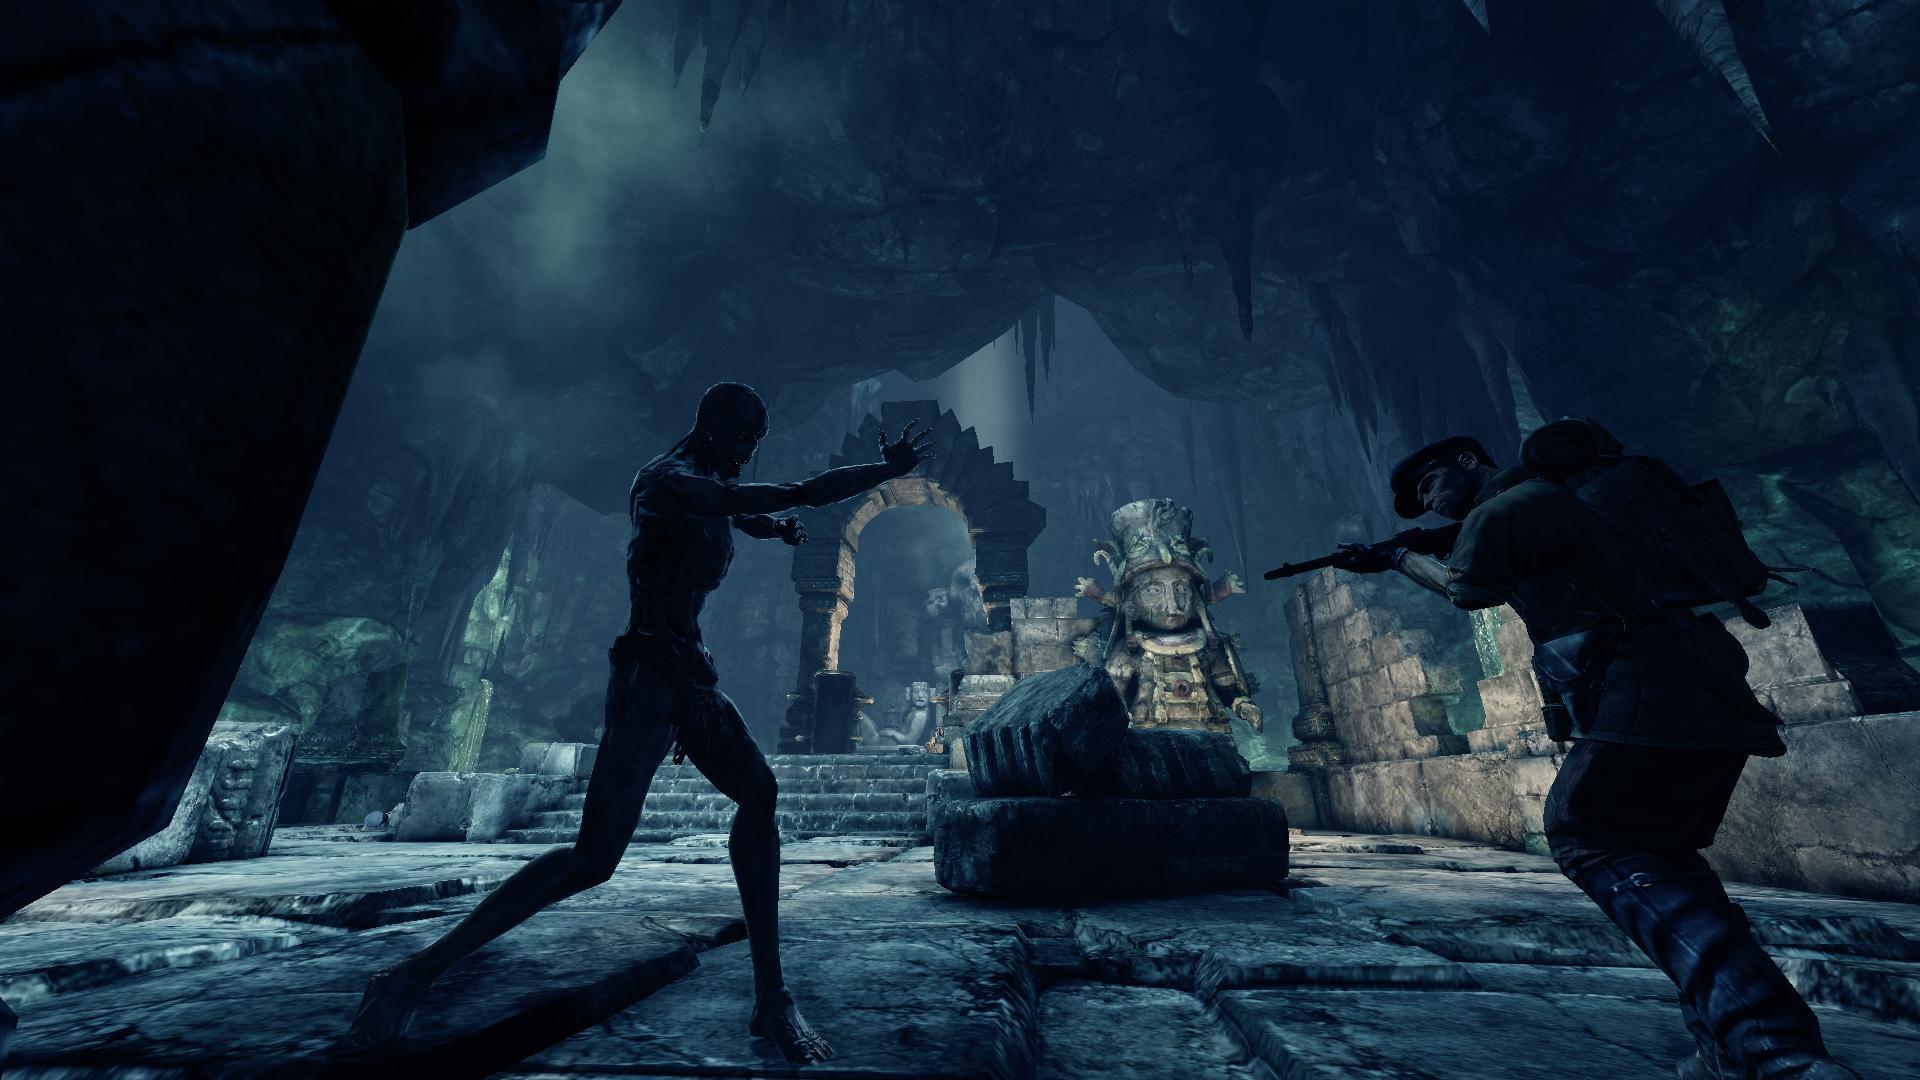 Obrazem: Hrobky a mumie v Deadfall Adventures 87031